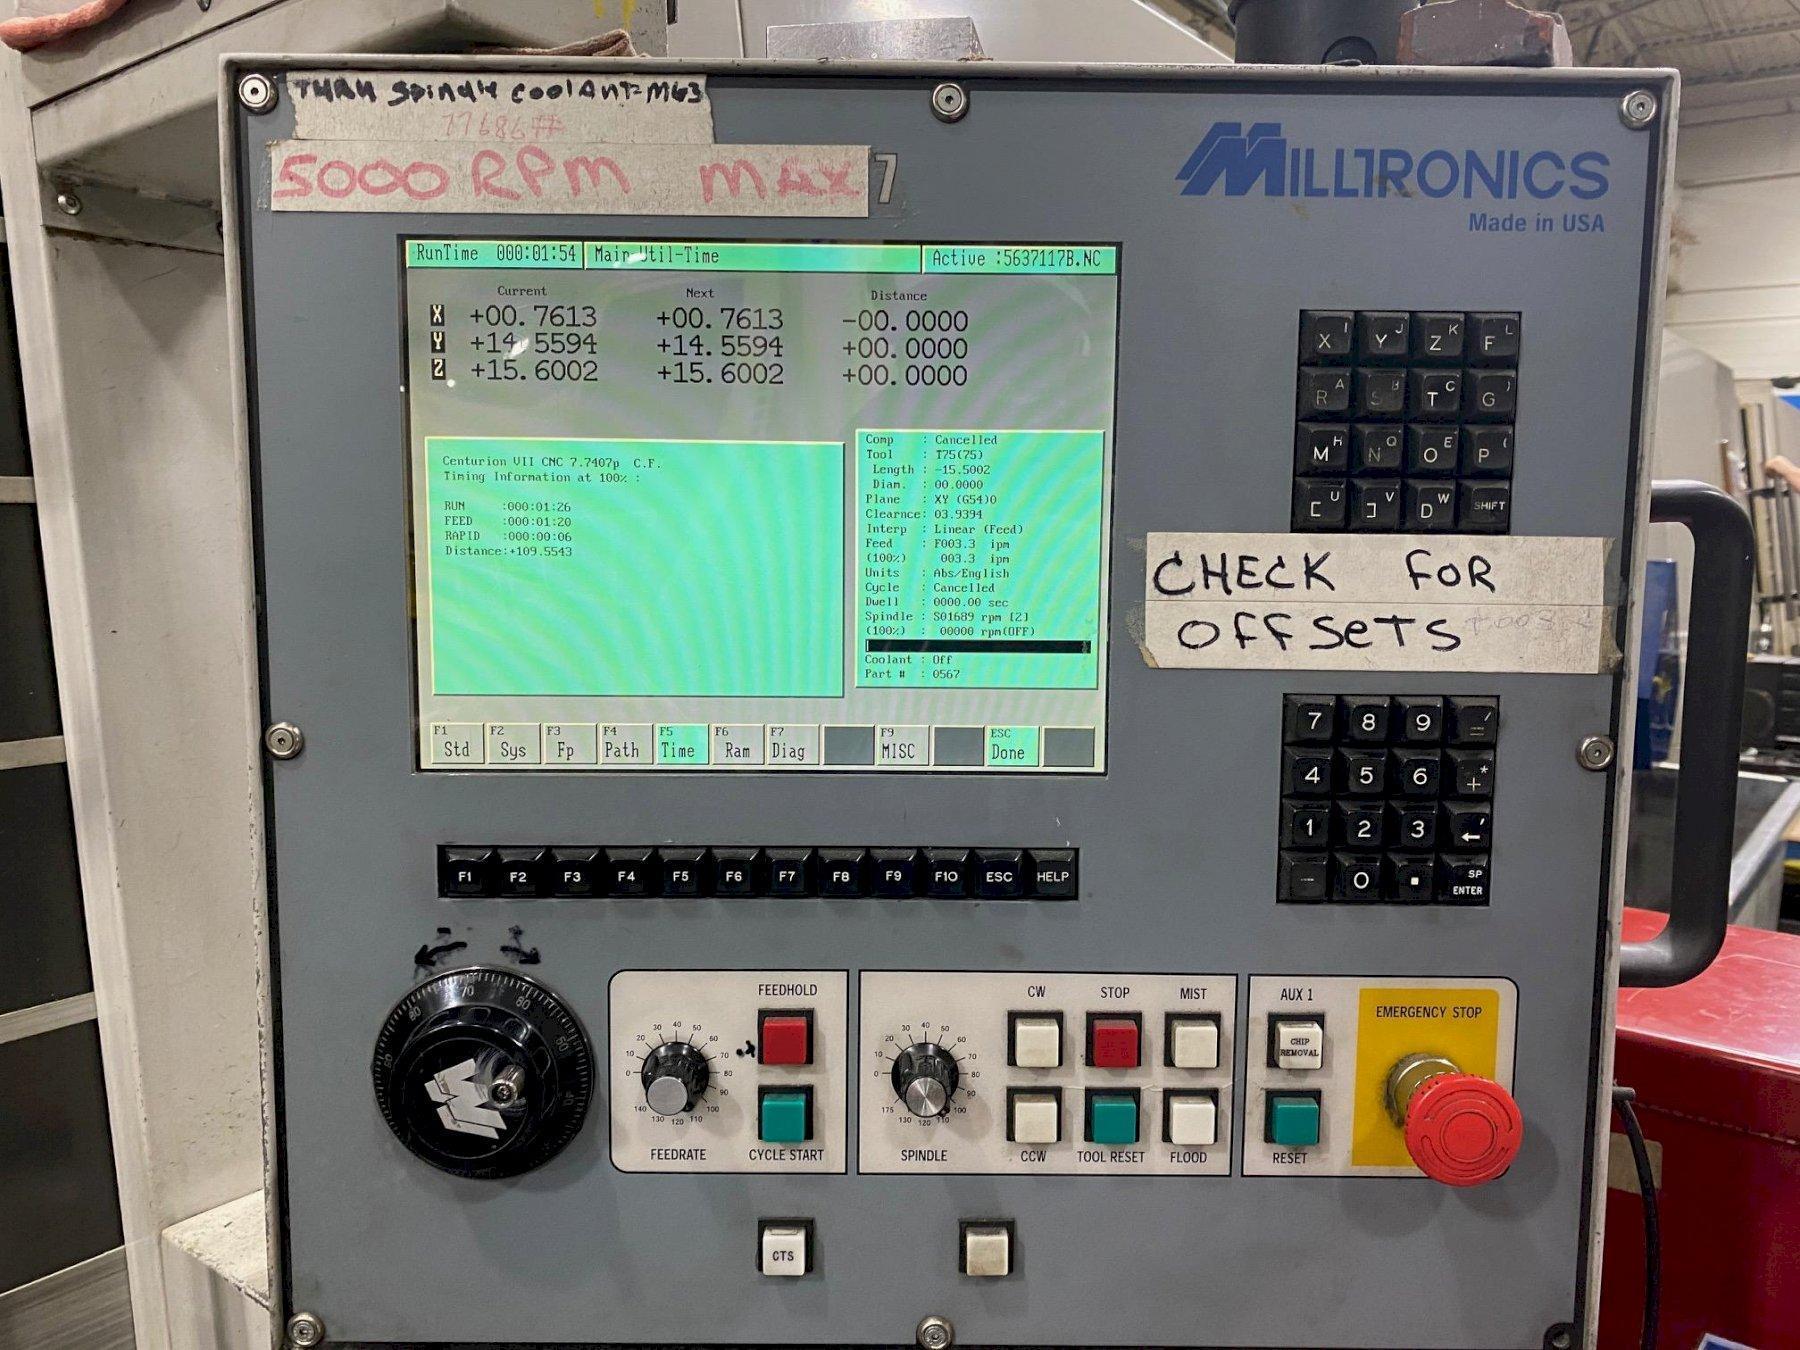 MILLTRONICS VM30XP CNC Vertical Machining Center, S/N 9859 - details pending